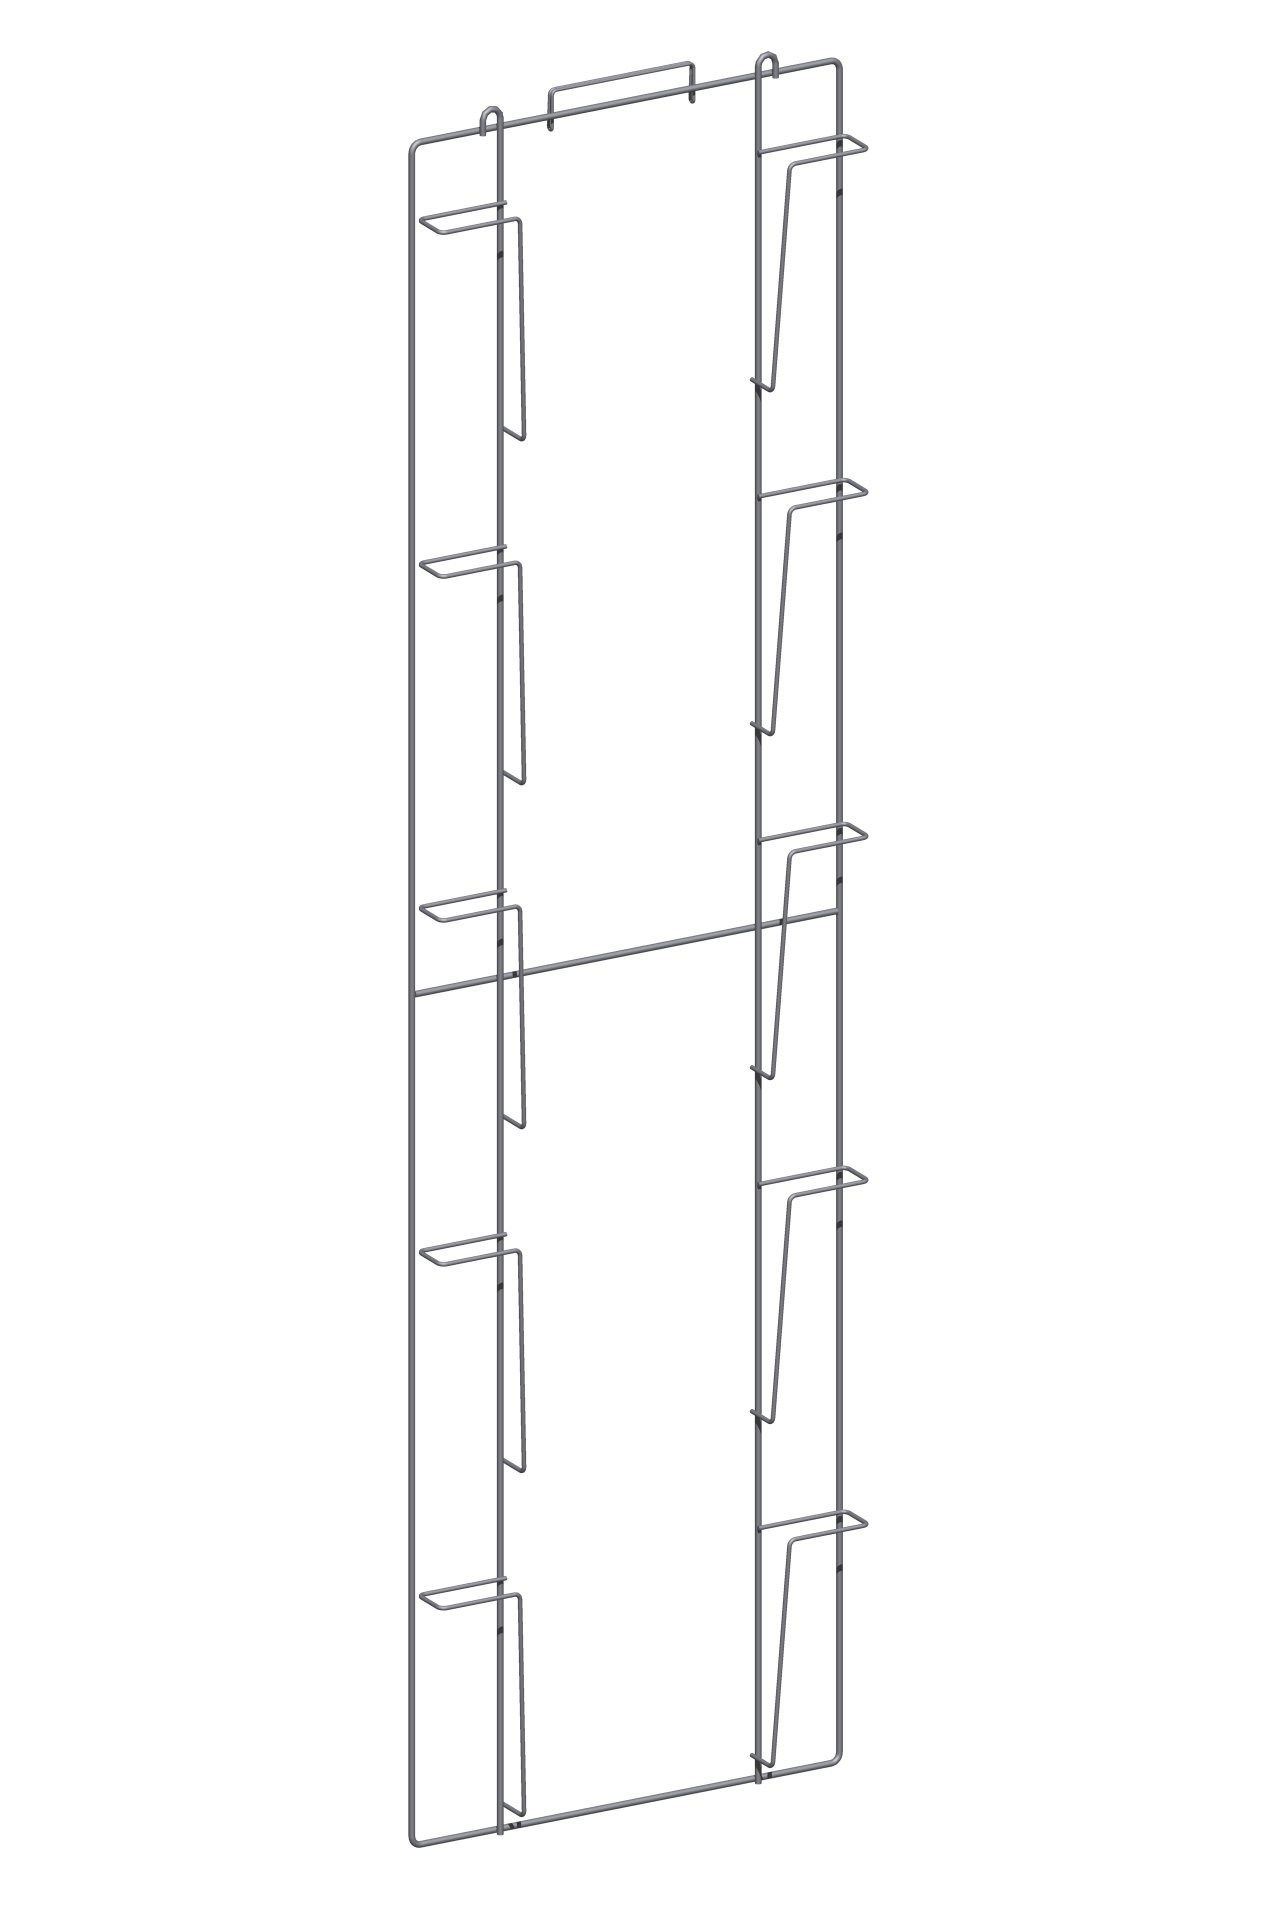 en 1503 27 50 buyck displays. Black Bedroom Furniture Sets. Home Design Ideas